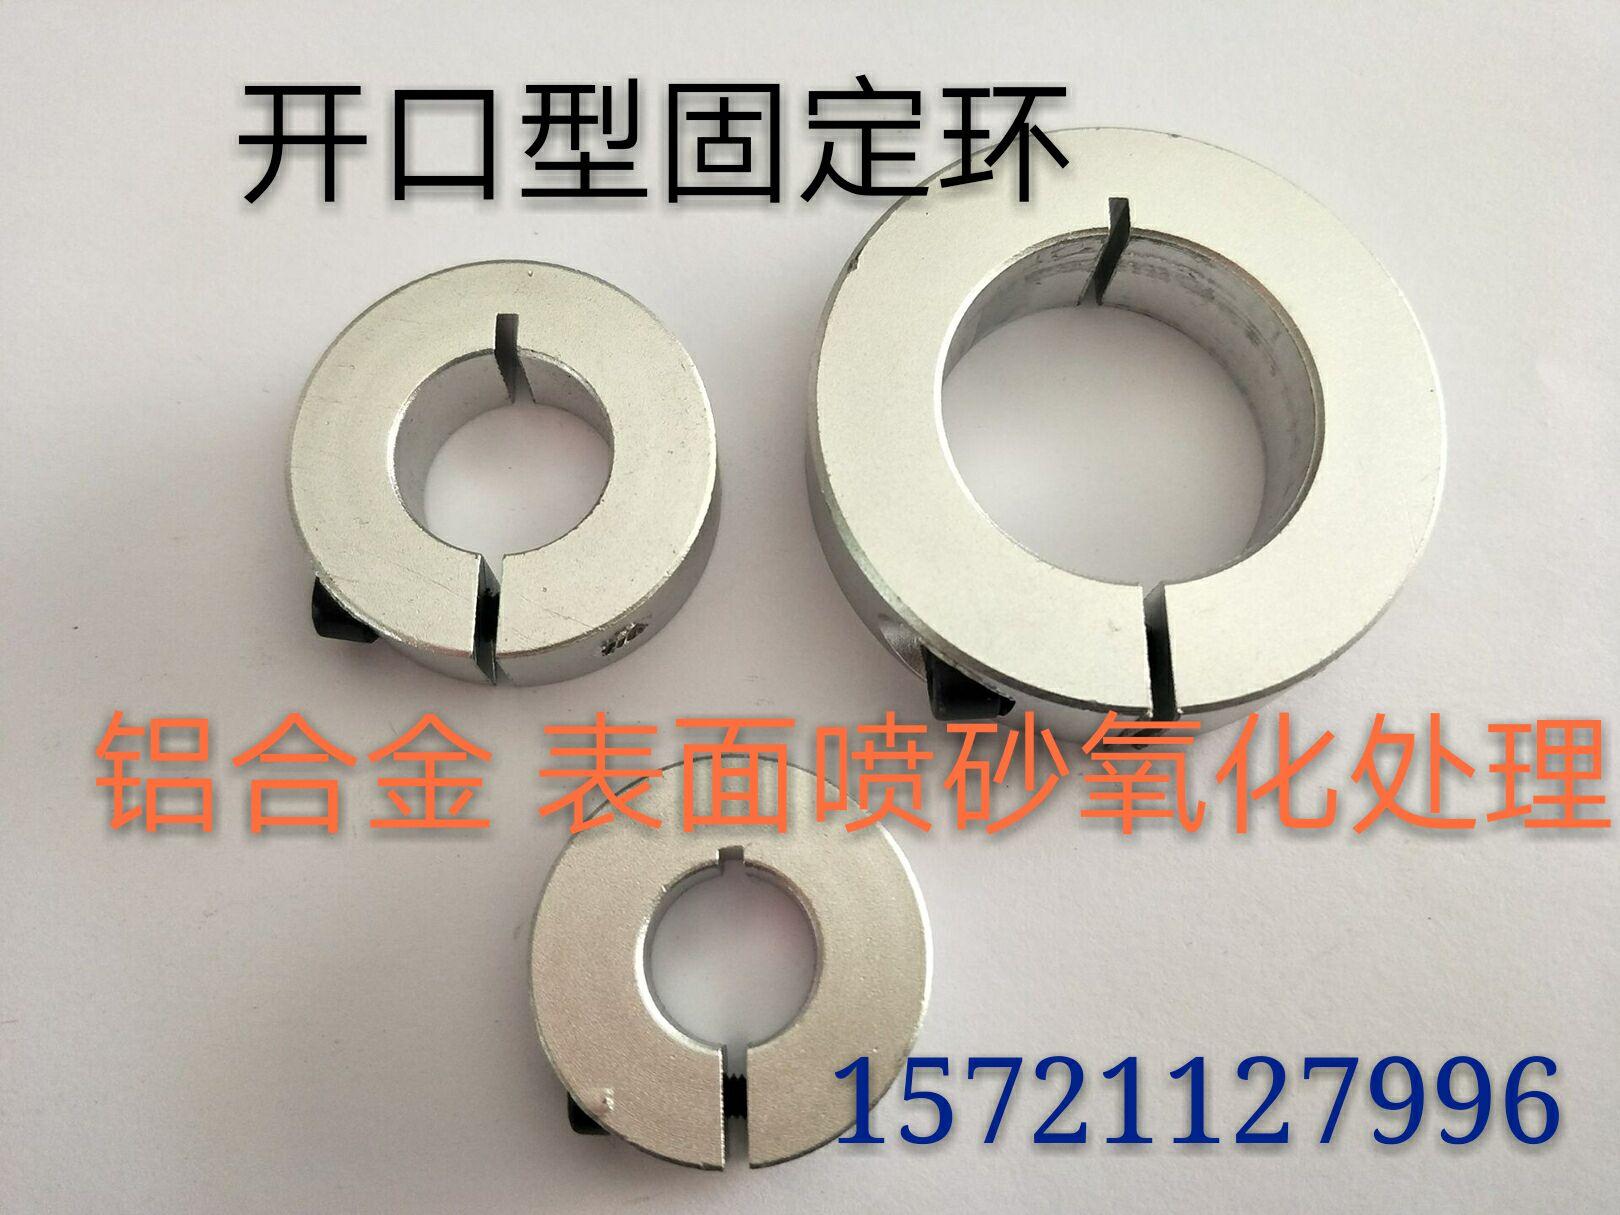 Фиксированное кольцо Открытое исполнение Кольцо вала Кольцо для определения положения Кольцо с ограничителем SCS8 / 10/121415/20/25/16 30